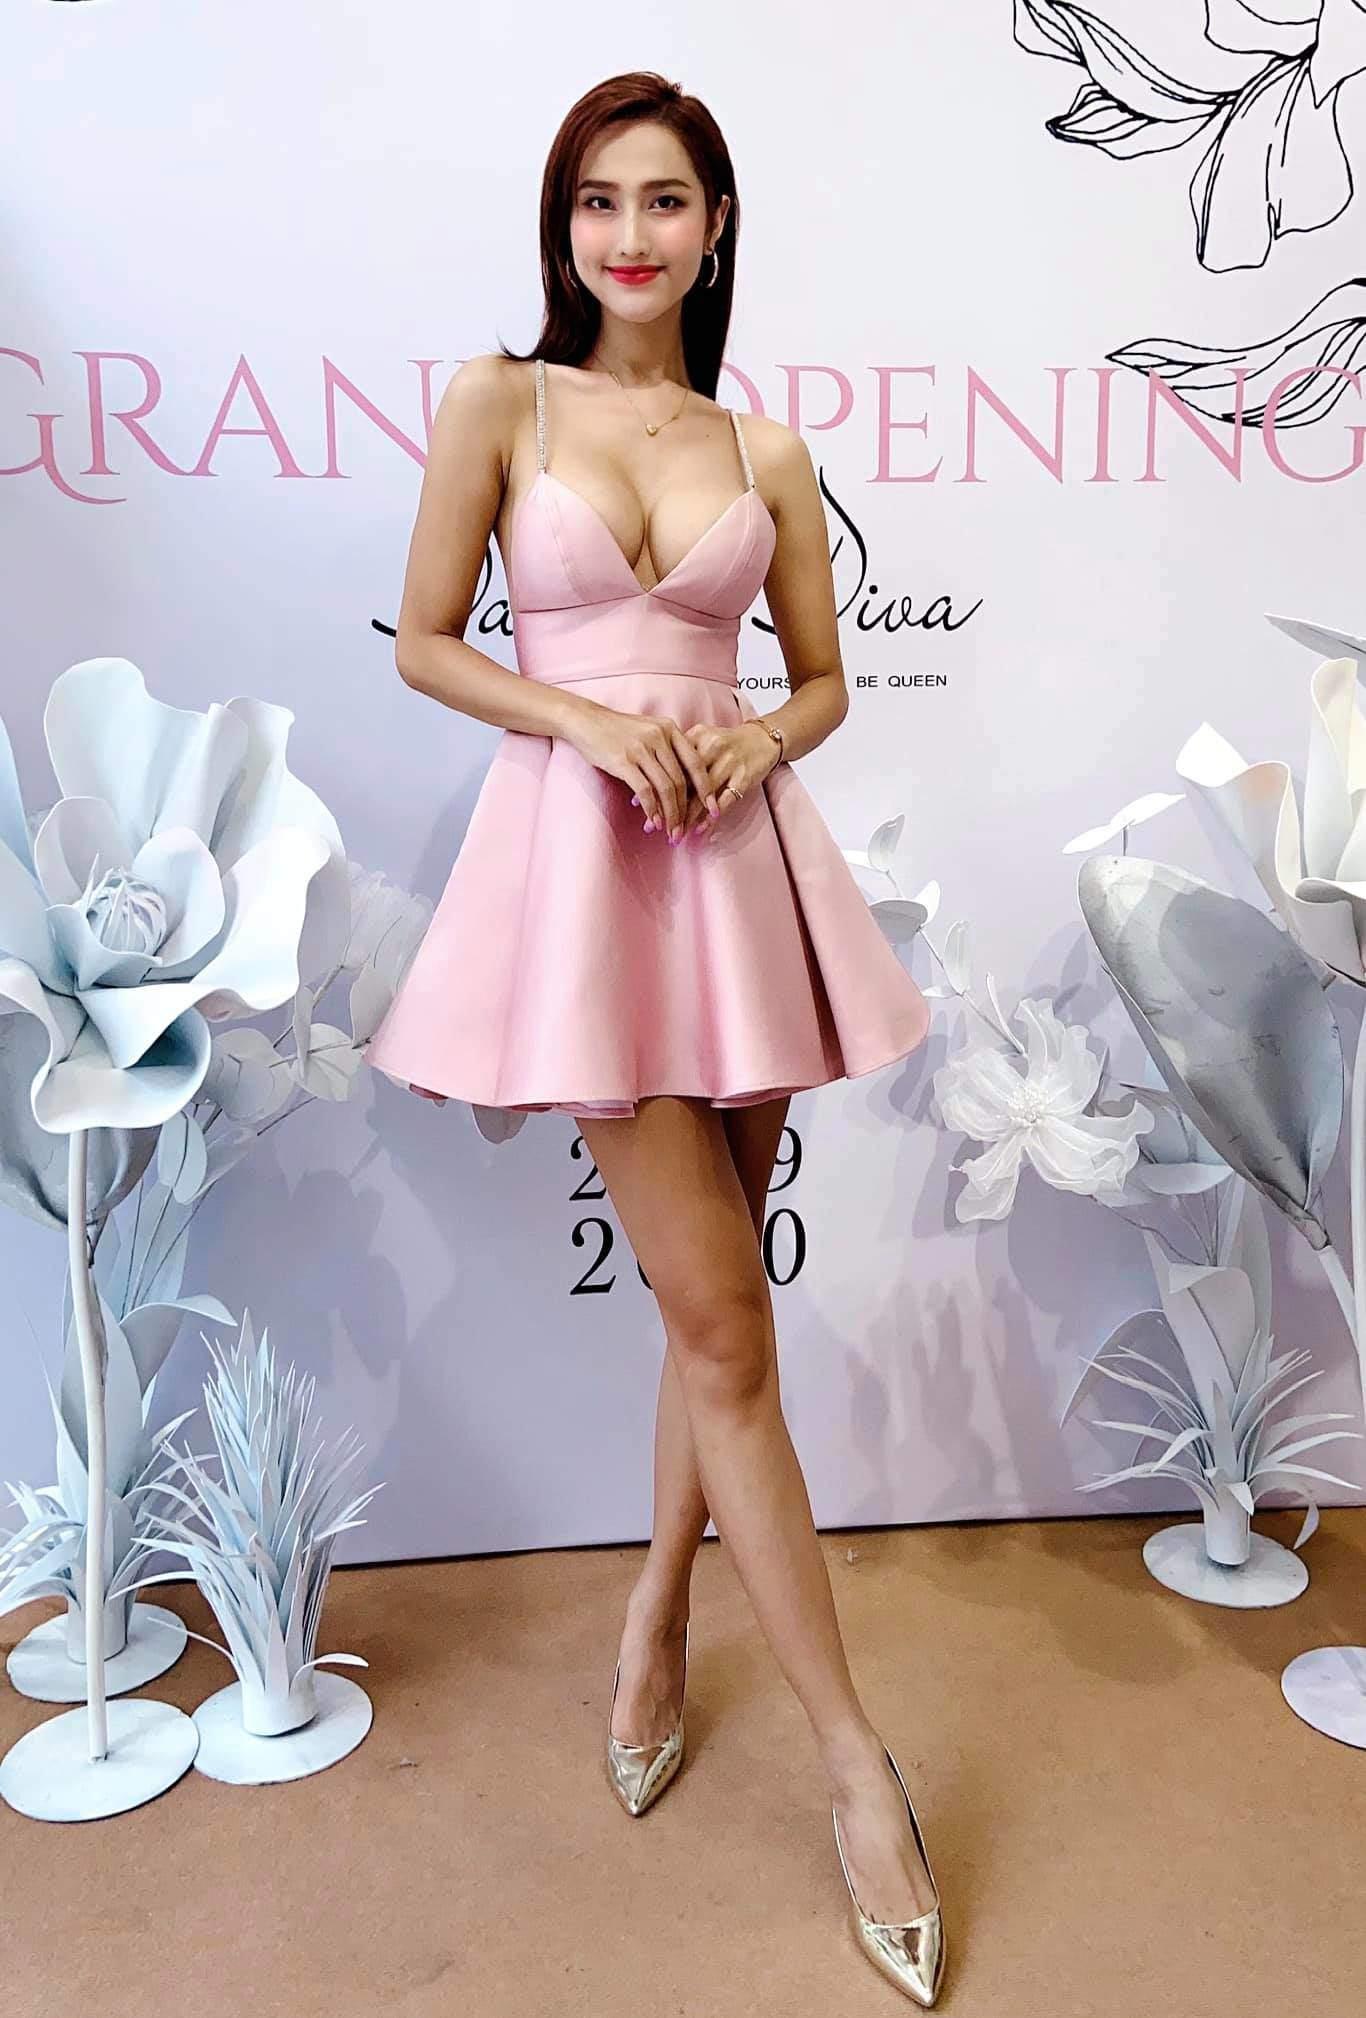 Từng bị chỉ trích vì mặc váy khoe cặp tuyết lê phản cảm, Hoa hậu 9X giờ hở tinh tế - 5